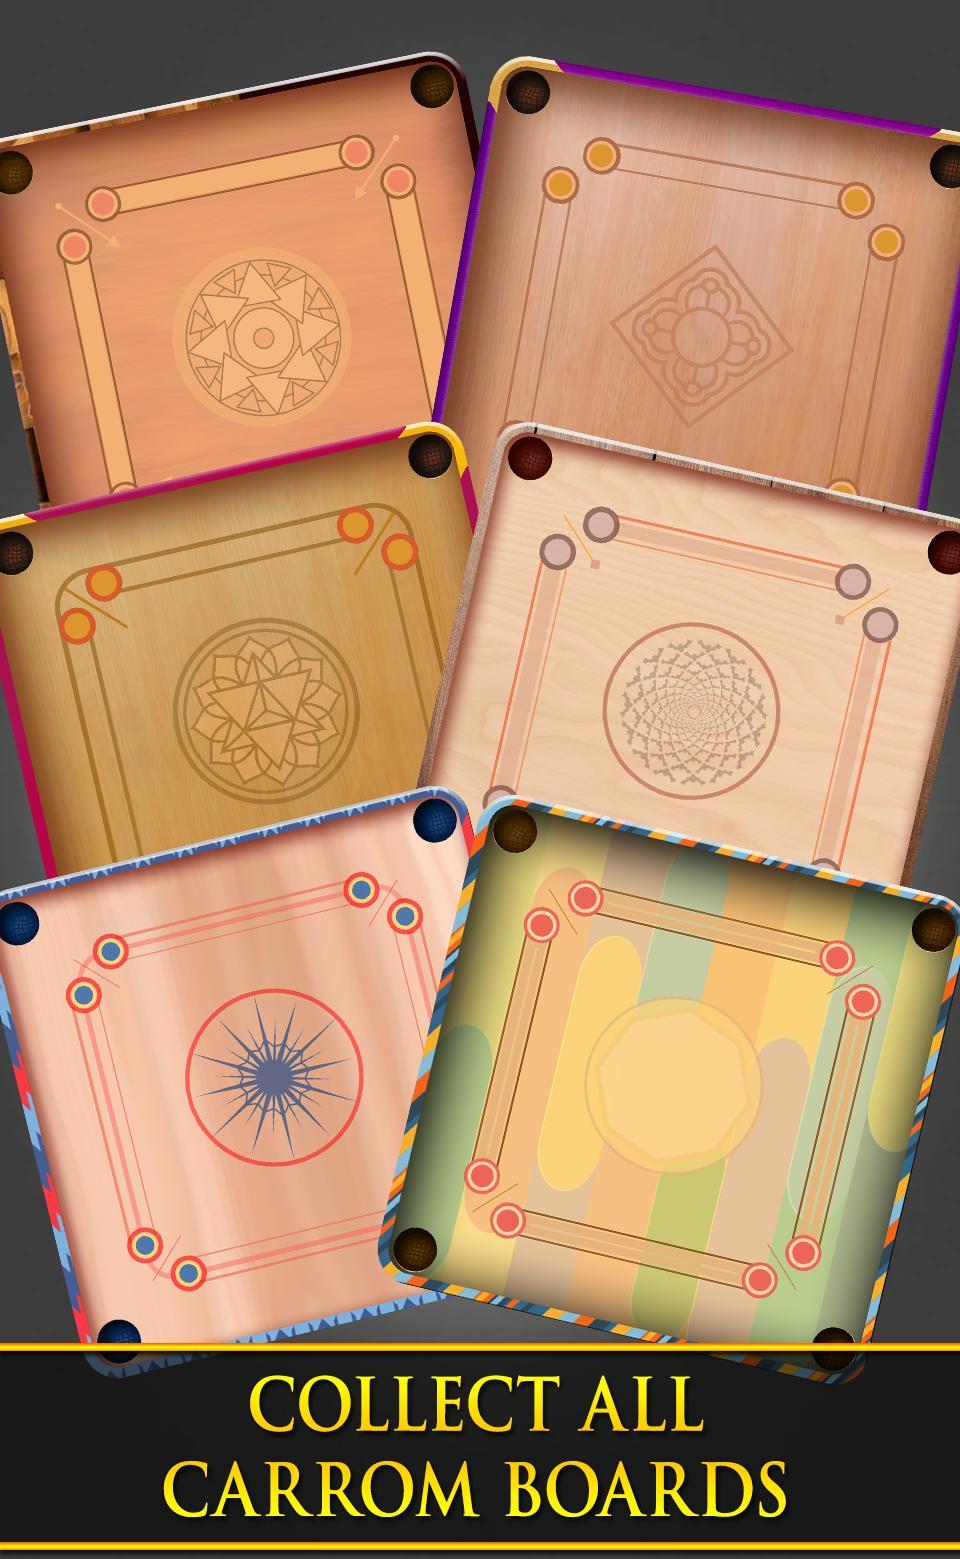 Carrom Royal Multiplayer Carrom Board Pool Game 10.2.9 Screenshot 6